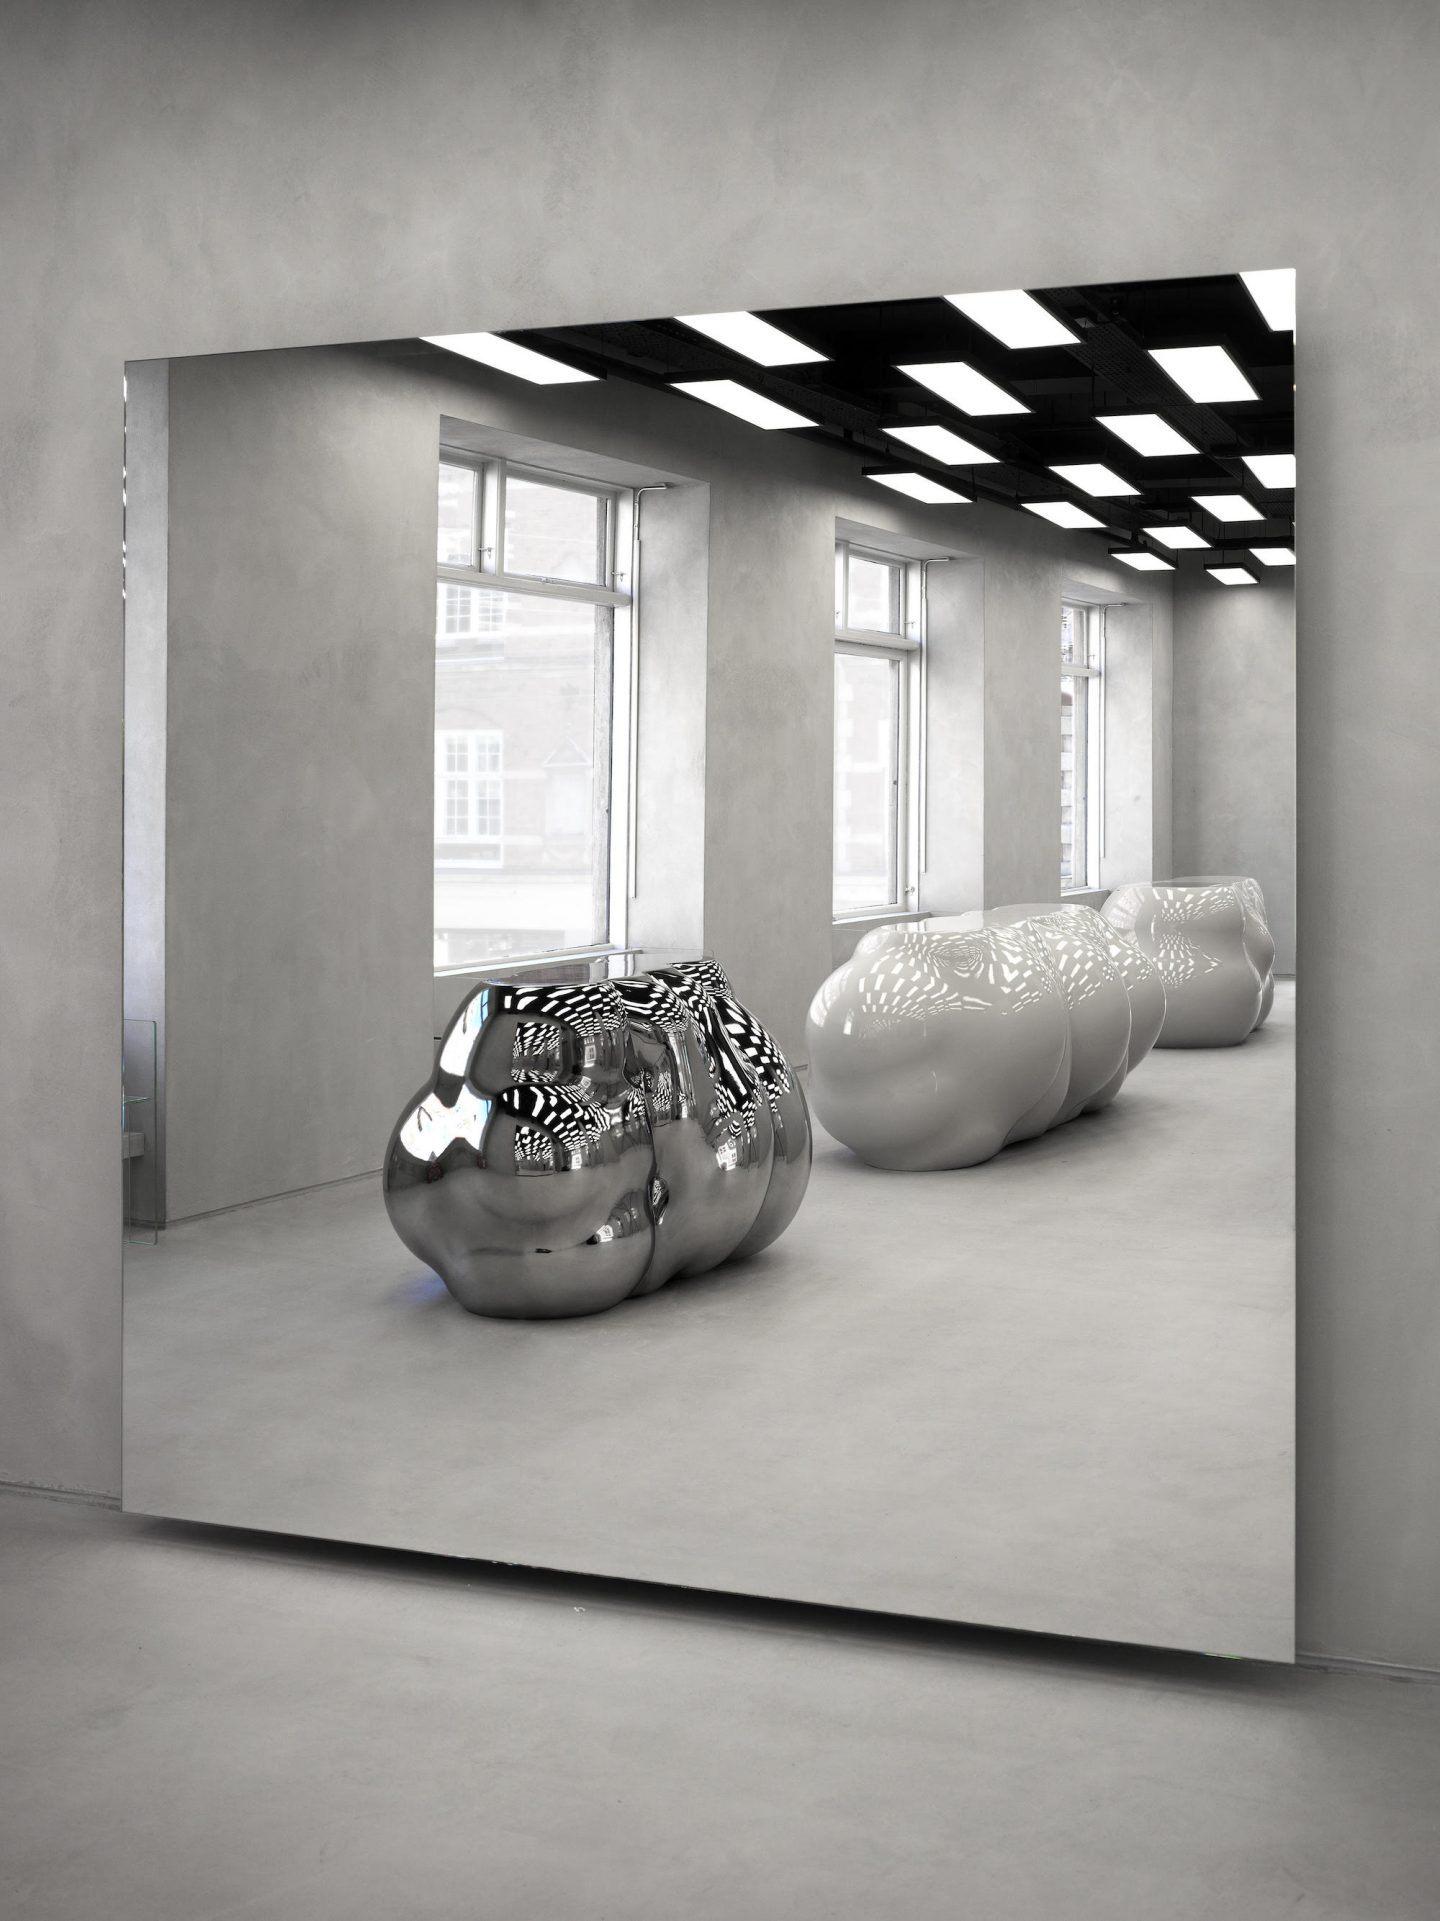 IGNANT-Design-Axel-Arigato-013